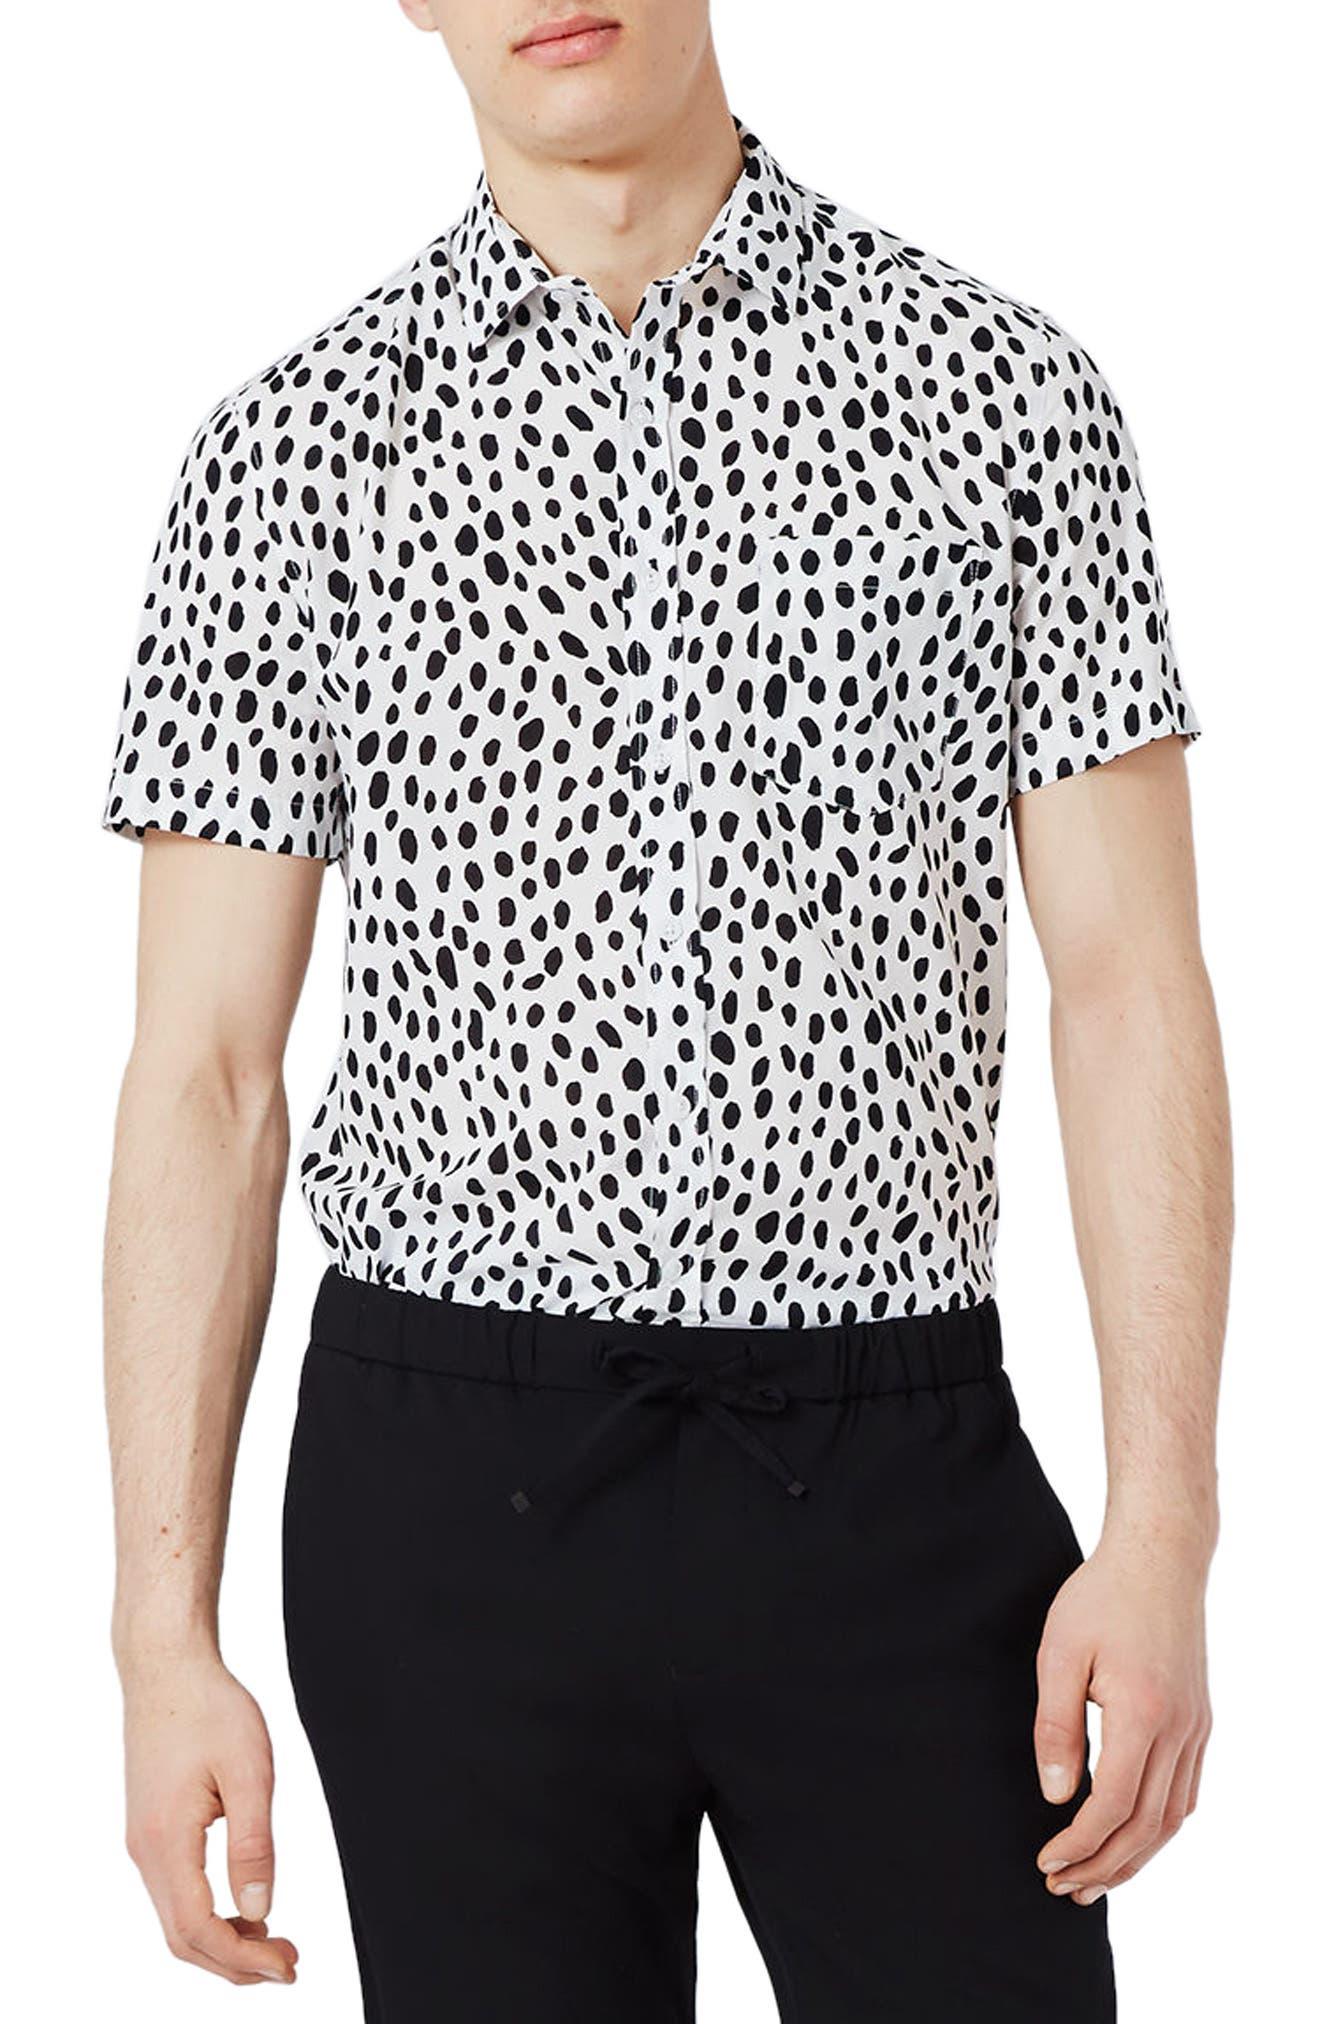 Topman Dotty Print Shirt